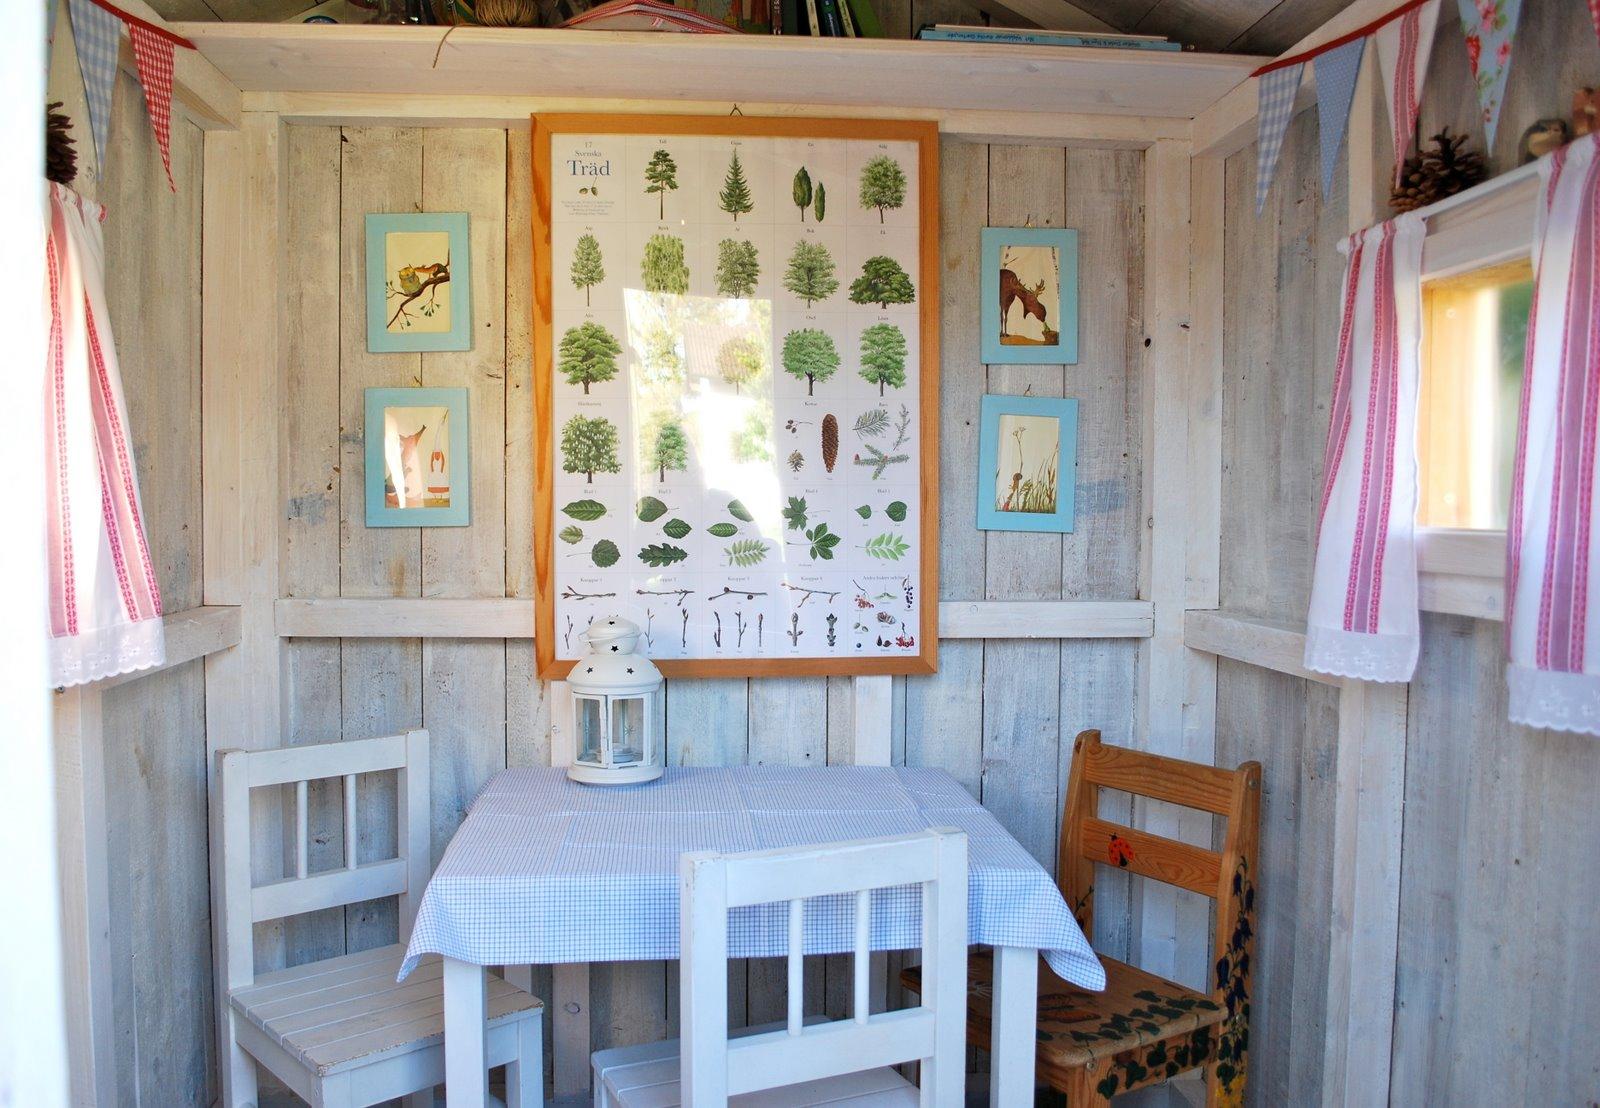 mamas kram projekt villa kullerbytta v lkommen in. Black Bedroom Furniture Sets. Home Design Ideas